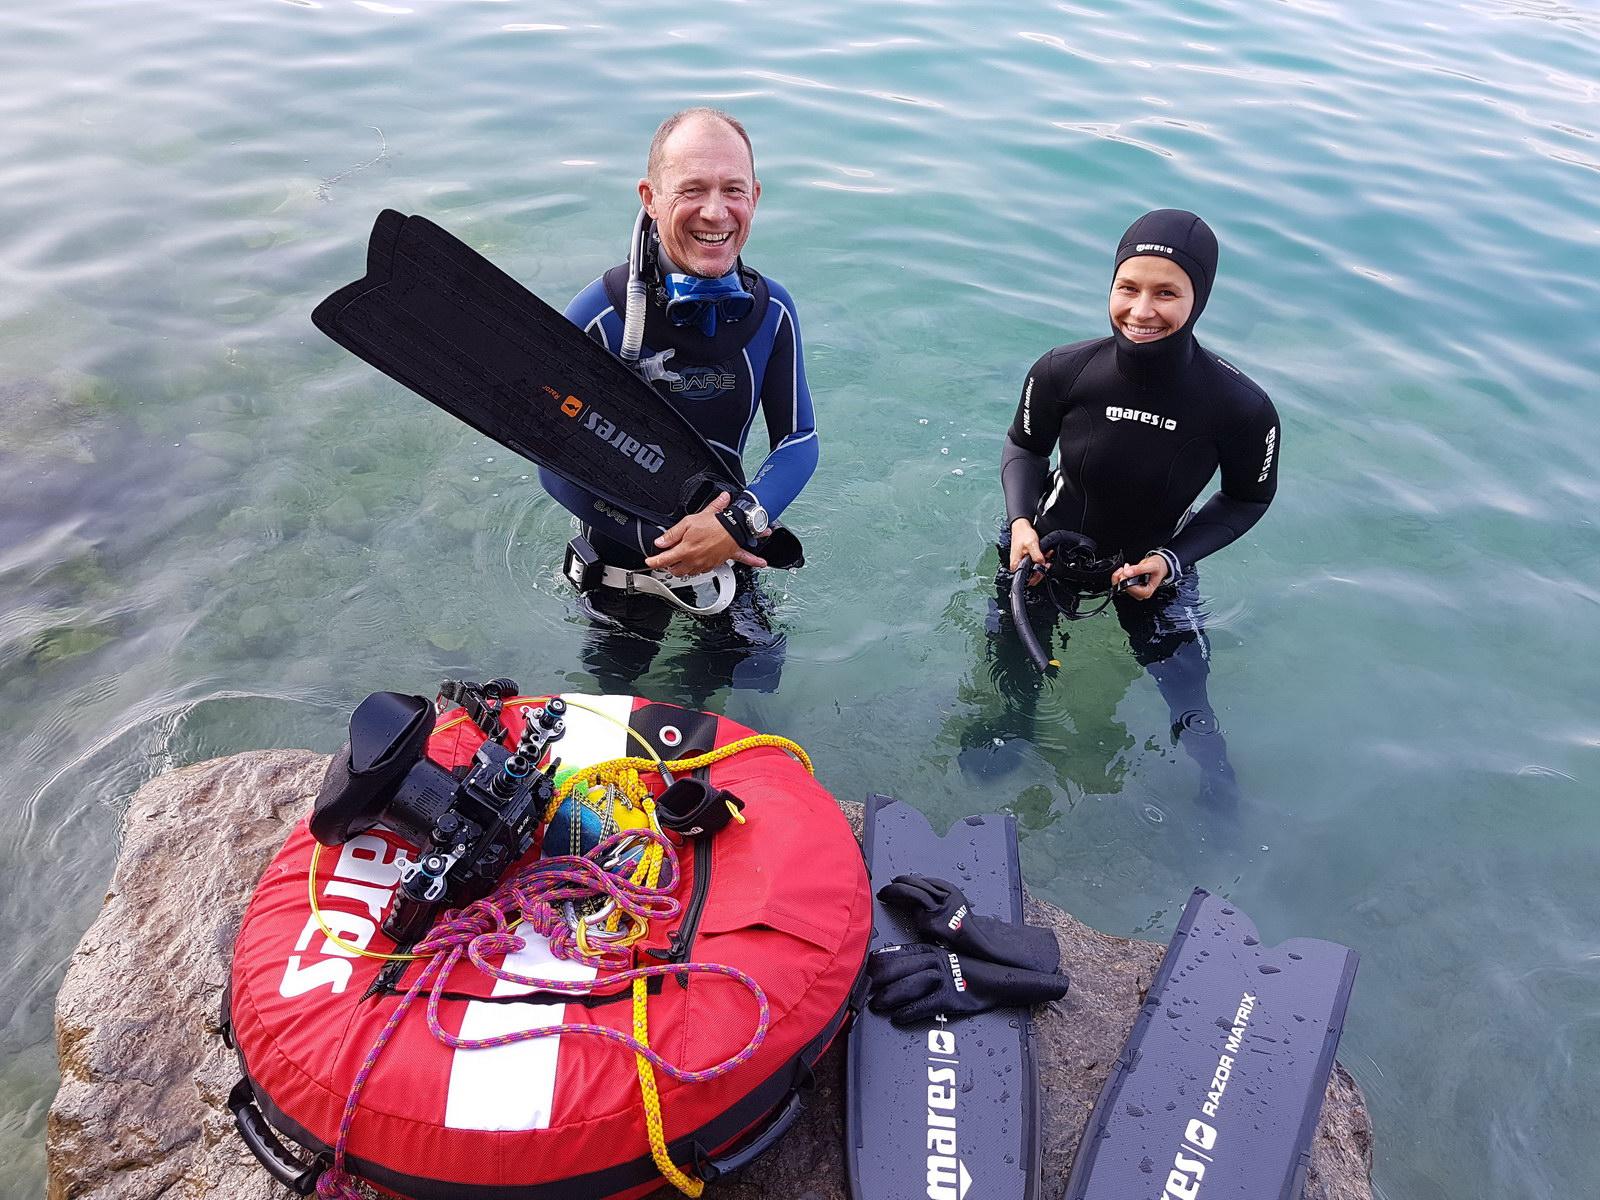 Freediving Ausrüstung aus der Vermietung